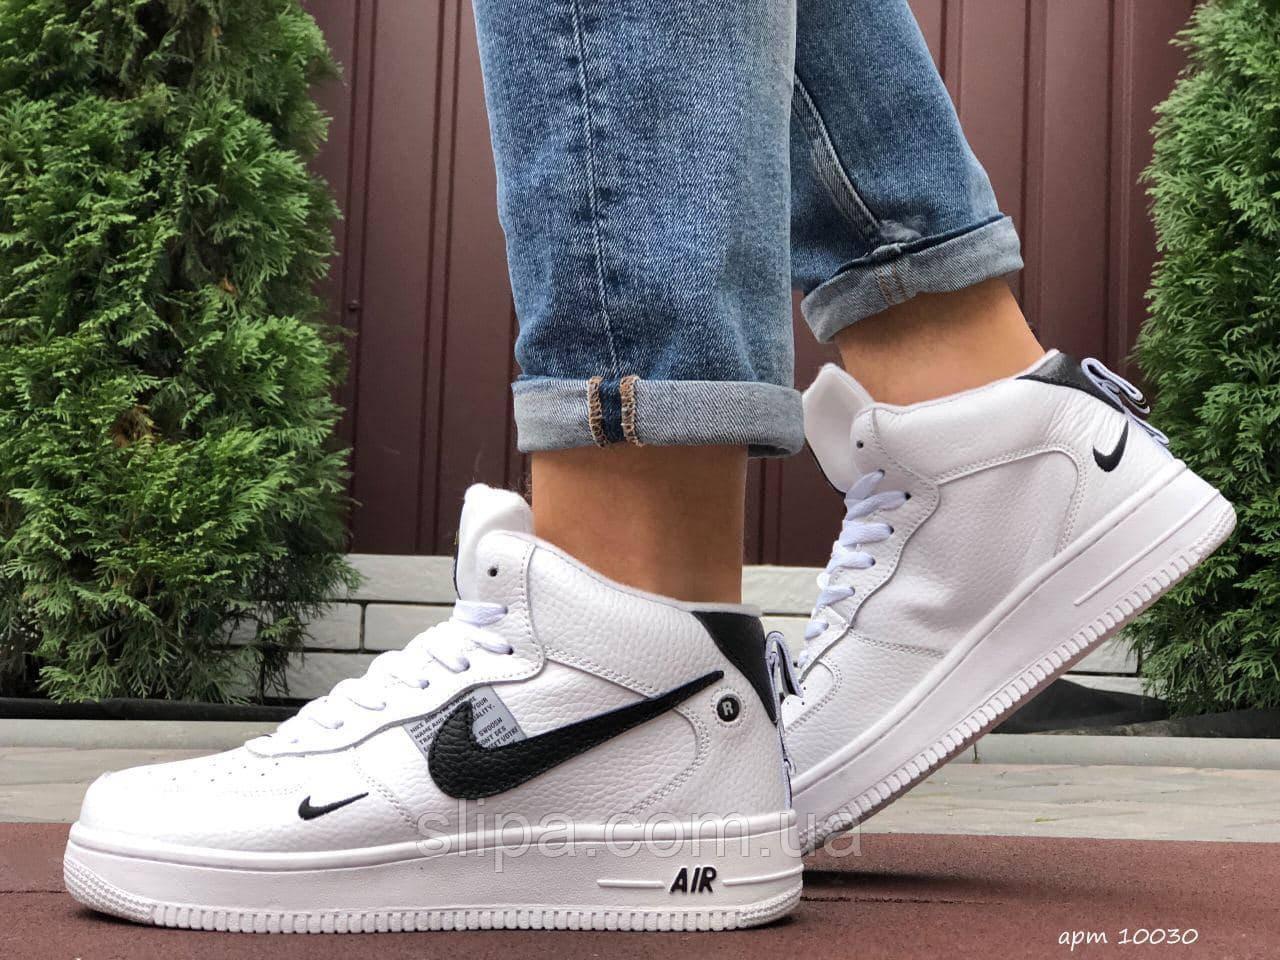 Чоловічі шкіряні зимові кросівки Nike Air Force білі з чорним